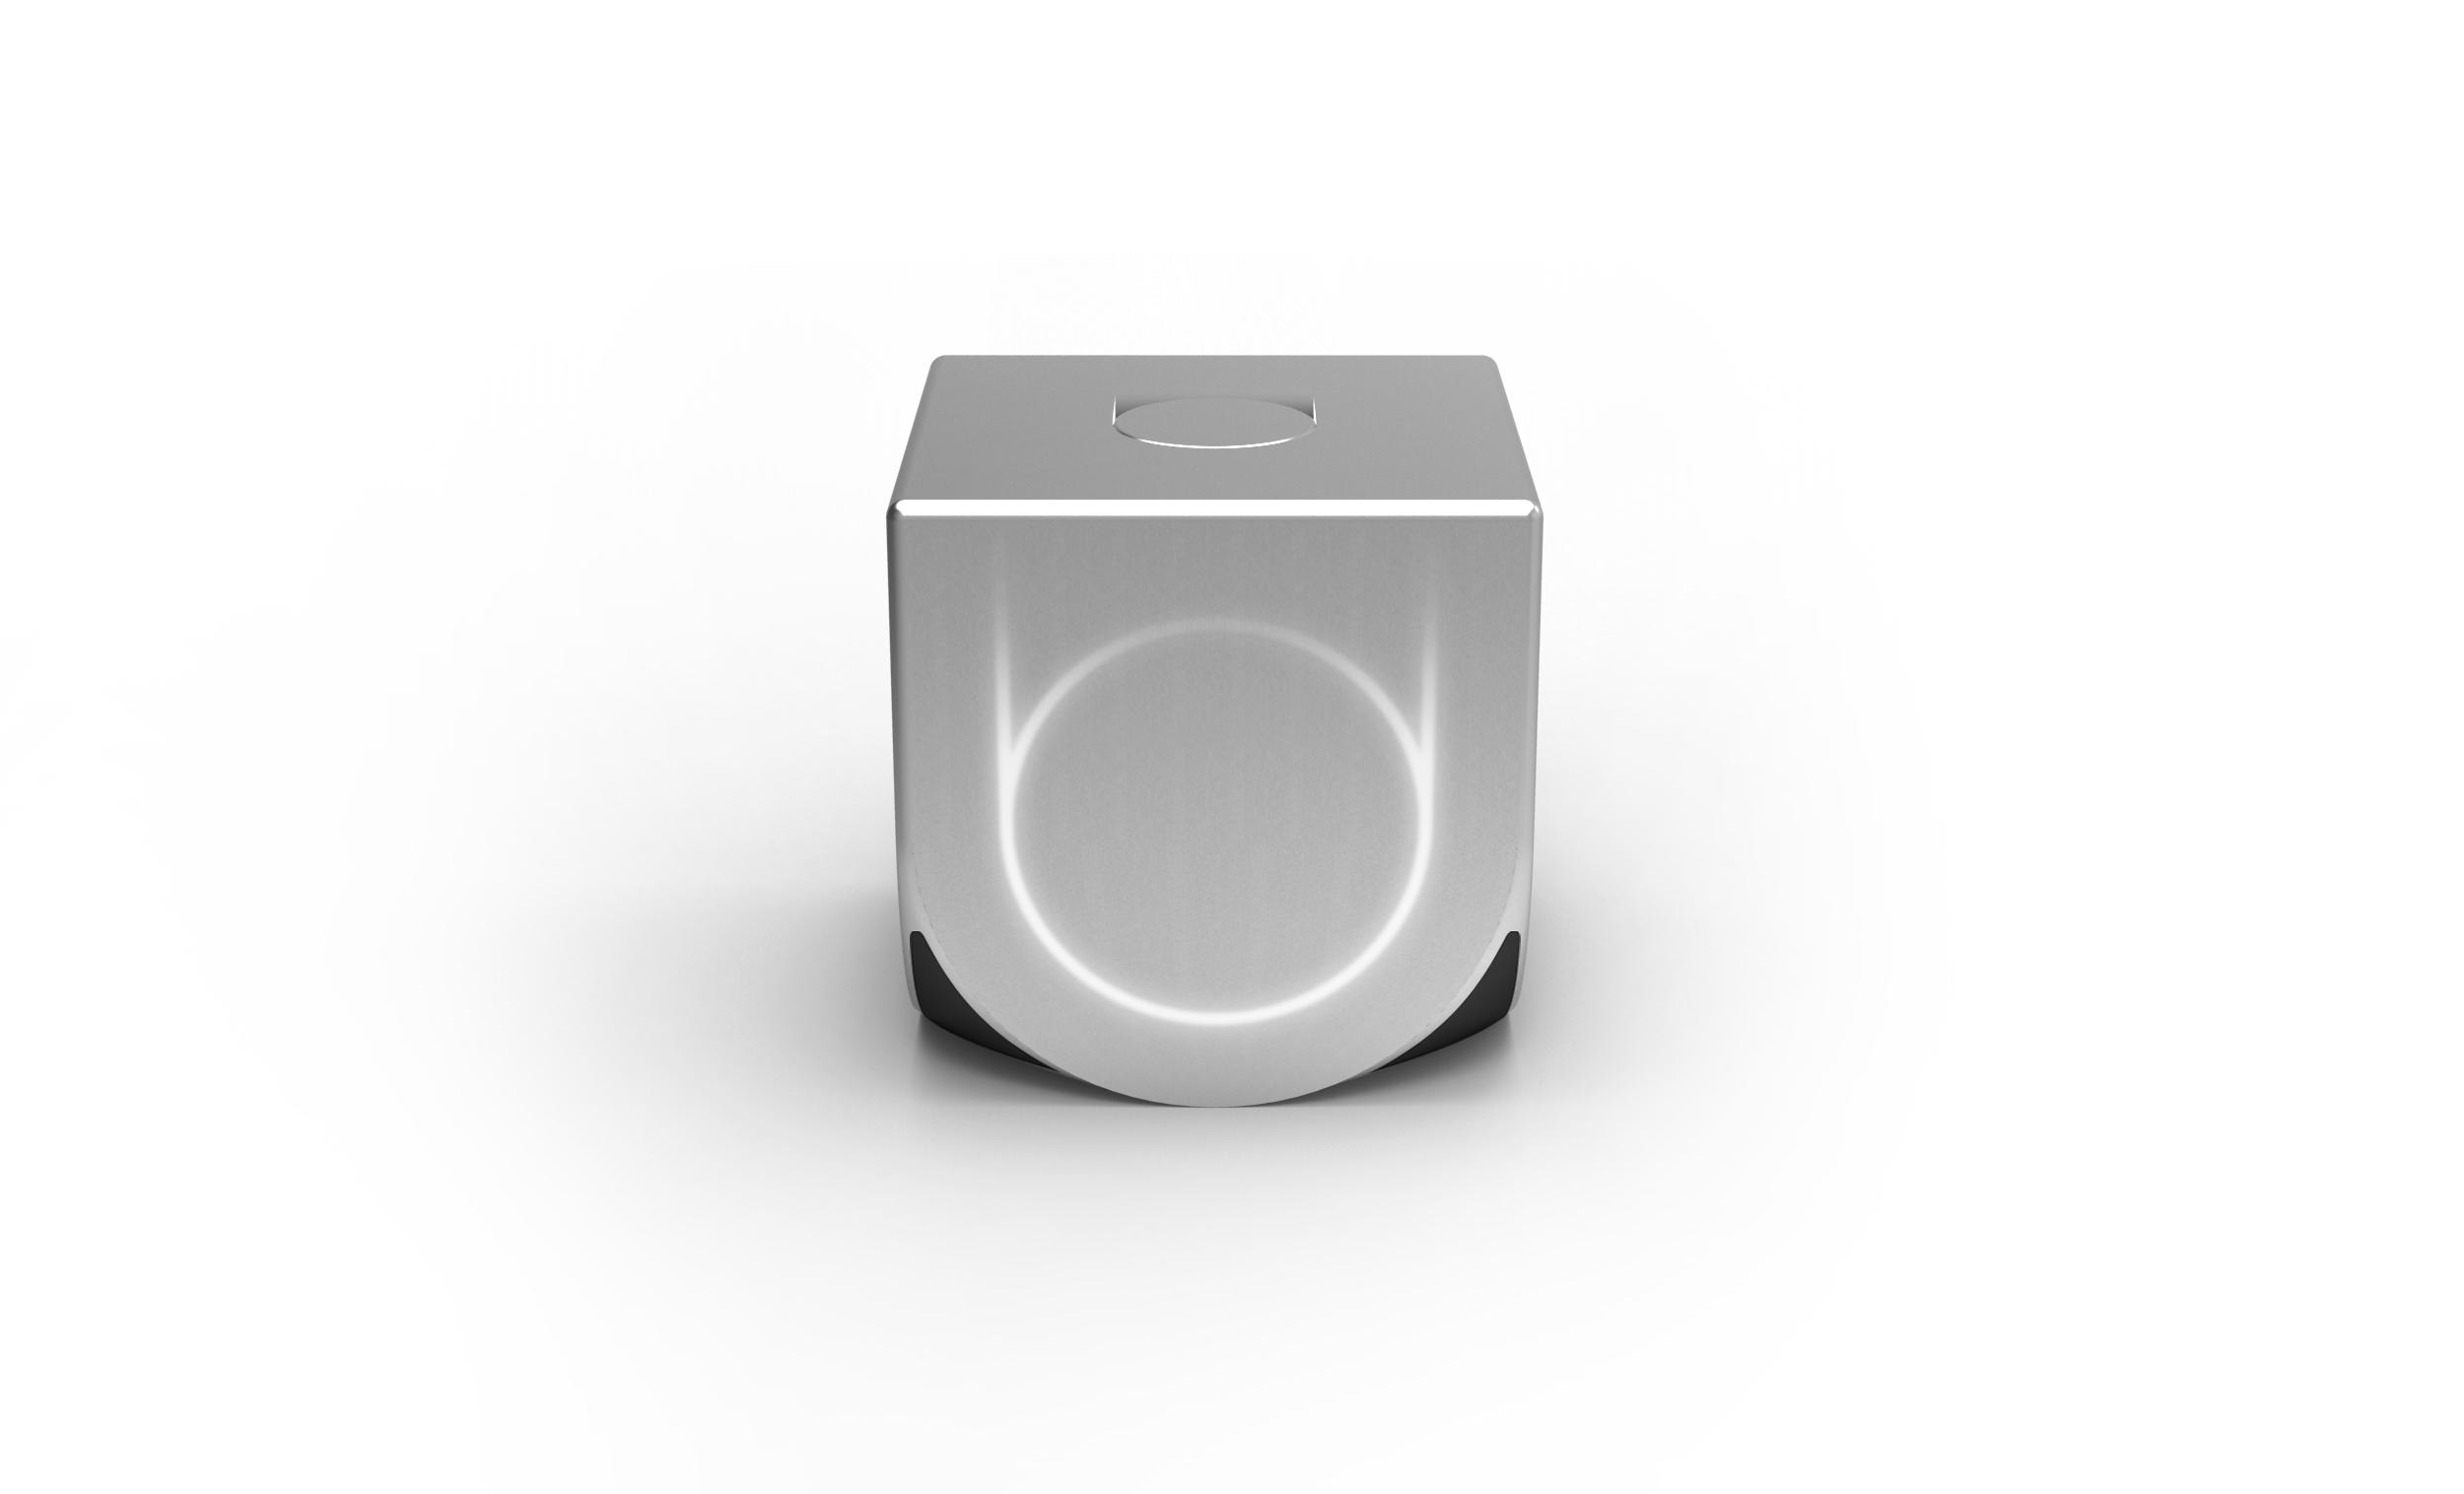 Ouya: Android-Spielekonsole erobert Kickstarter - Ouya